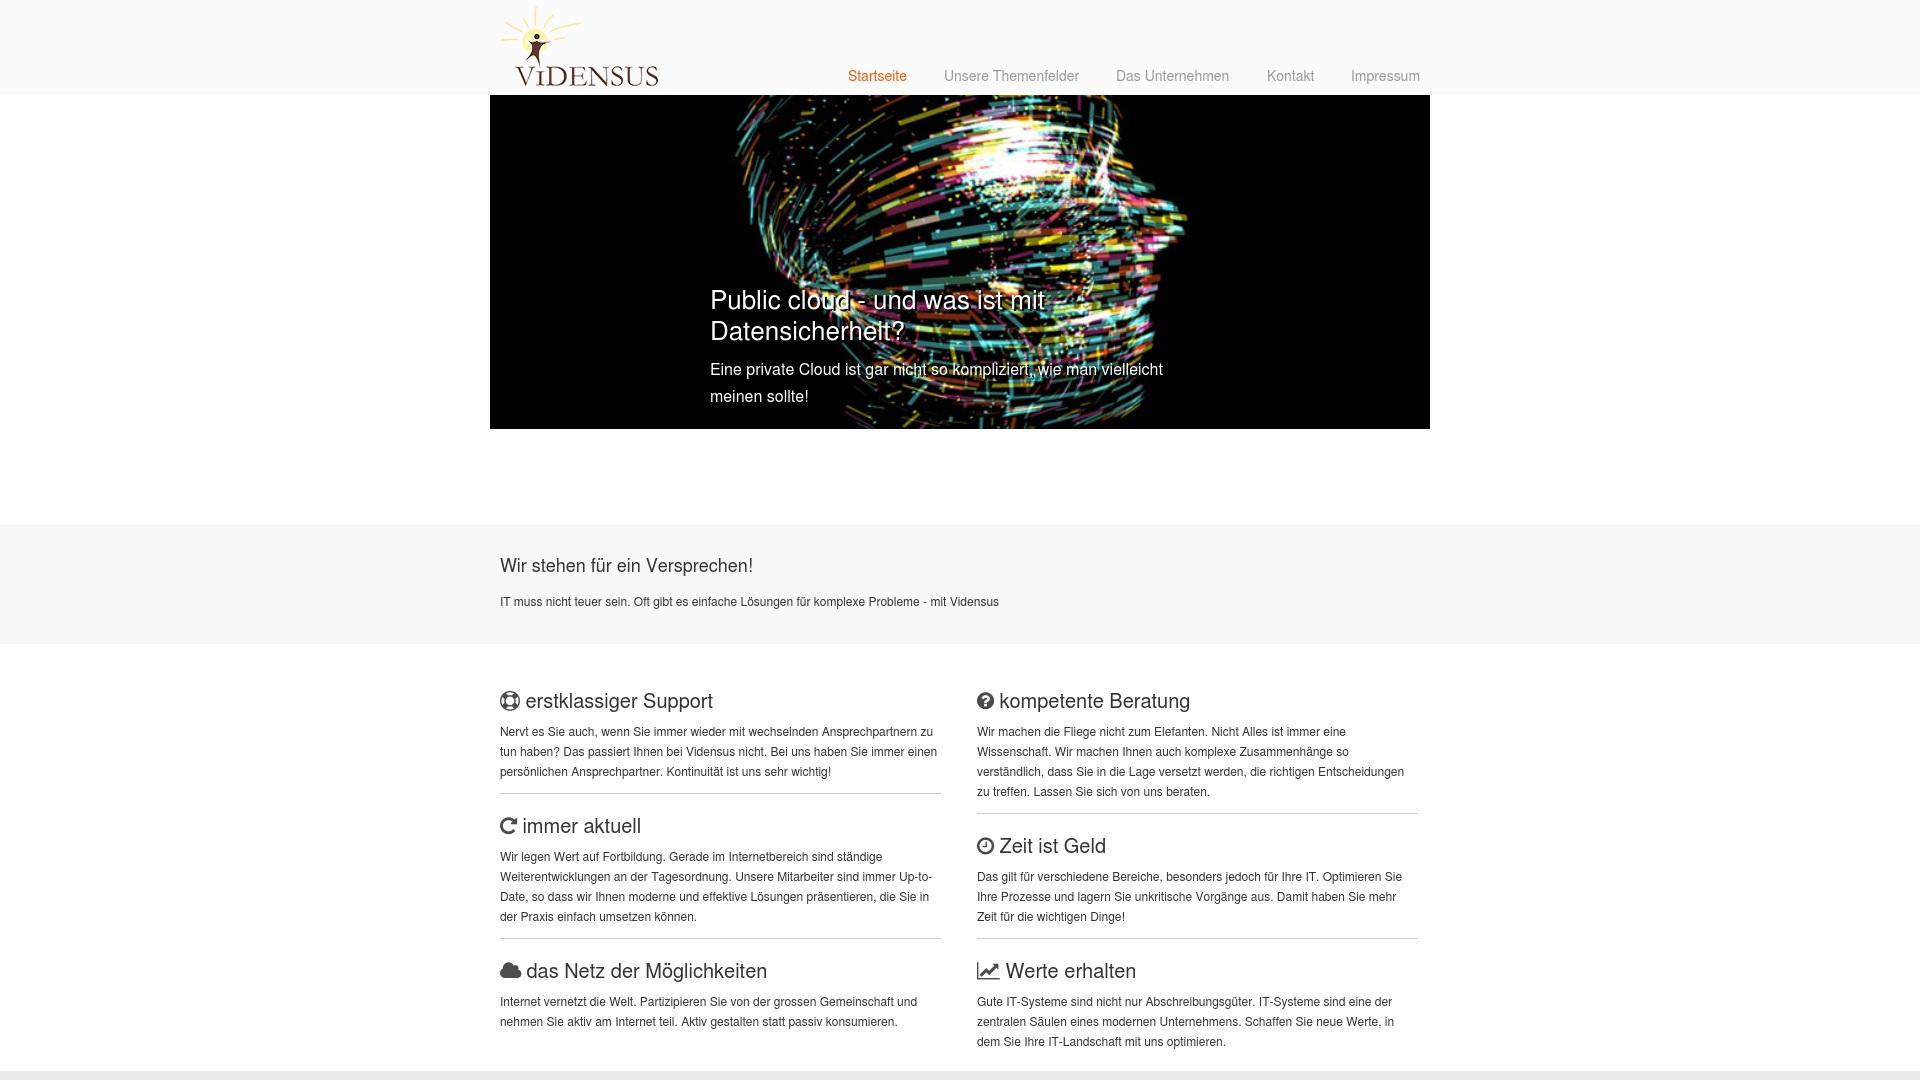 Gutschein für Vidensus-gmbh: Rabatte für  Vidensus-gmbh sichern